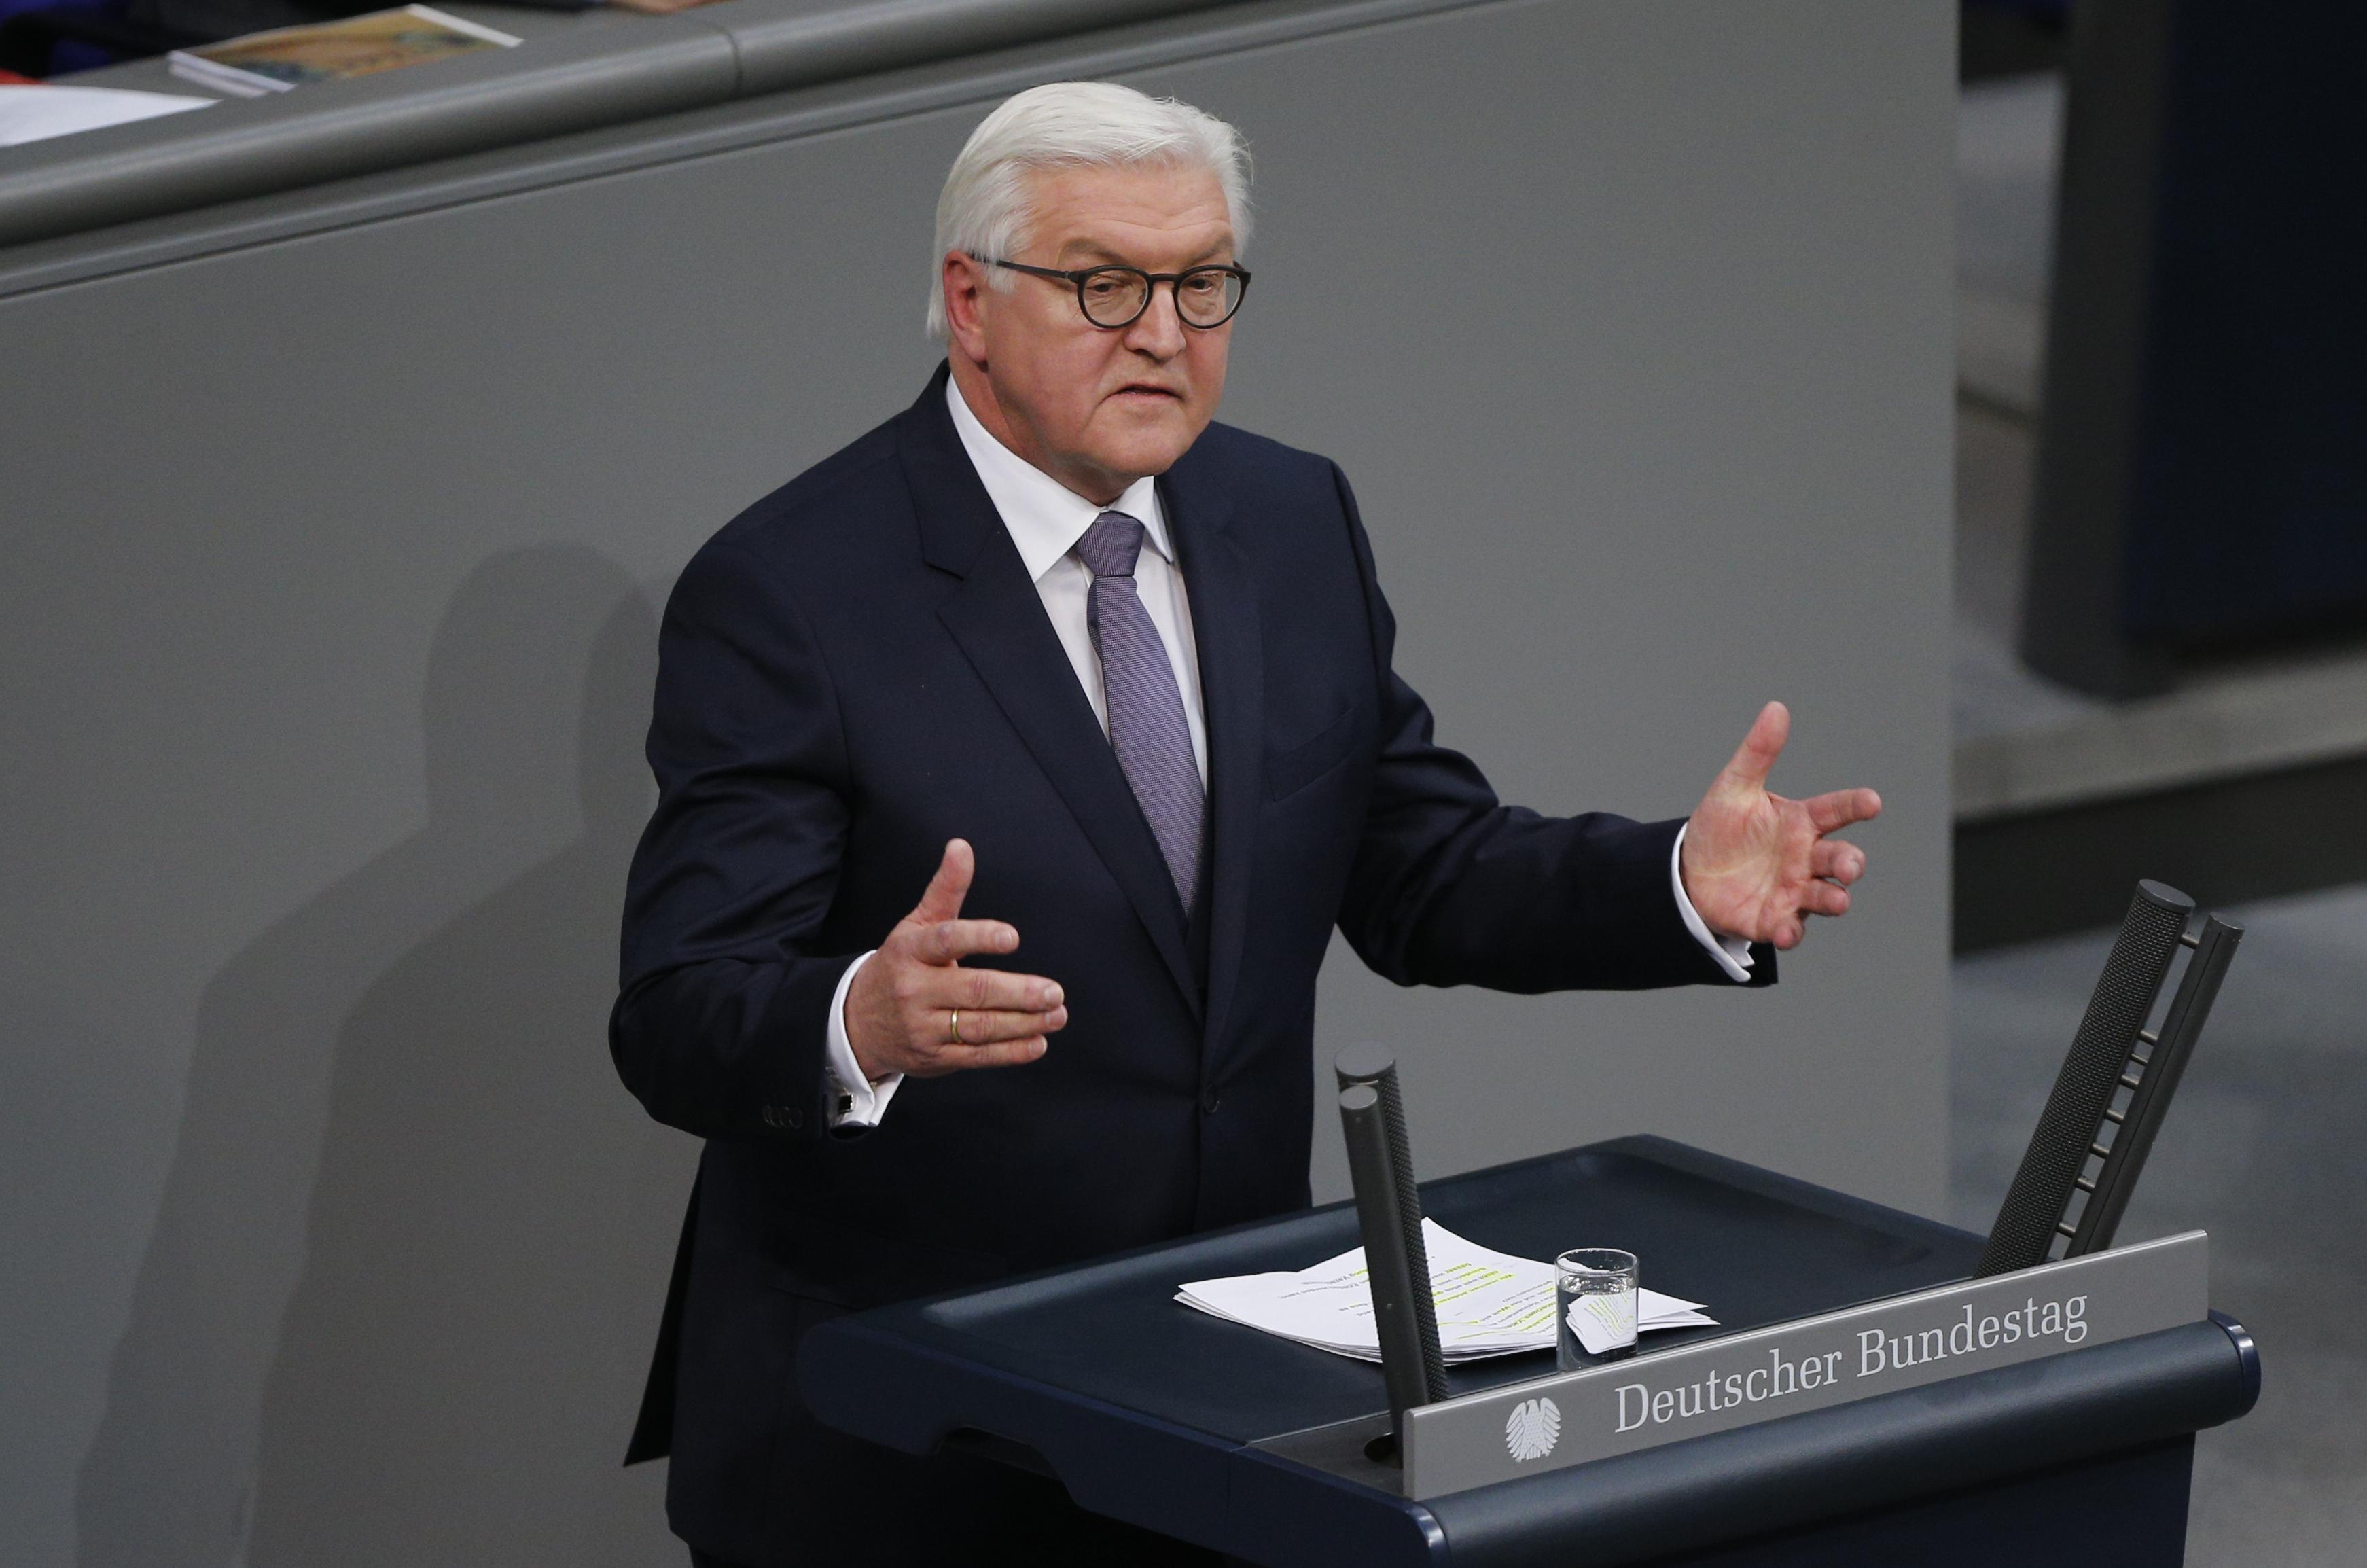 Steinmeier német államfő: Aki életet ment, nem lehet bűnöző